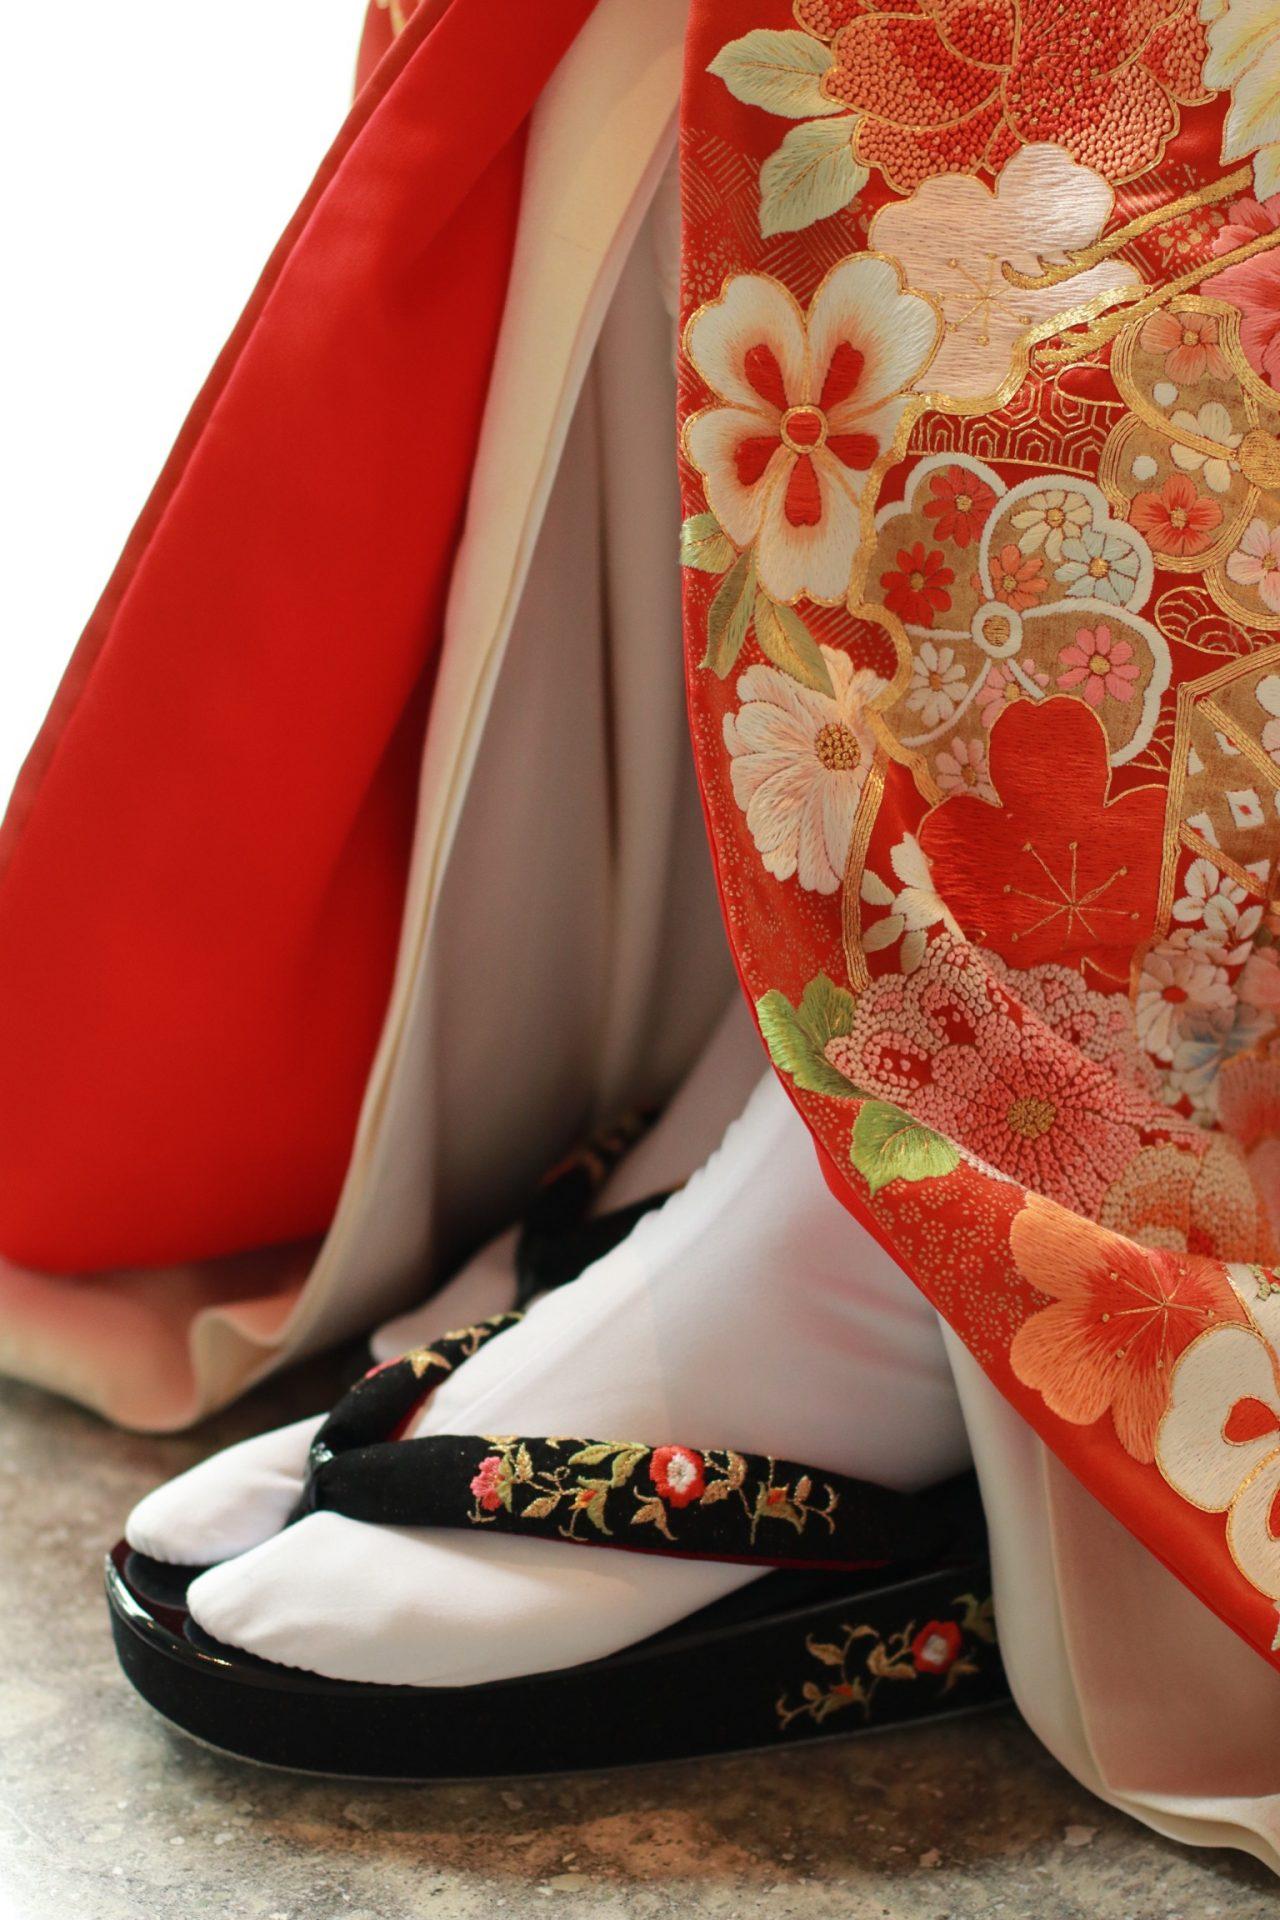 パレスホテル東京におすすめの赤の色打掛に、黒の草履を合わせたモダンなコーディネート提案